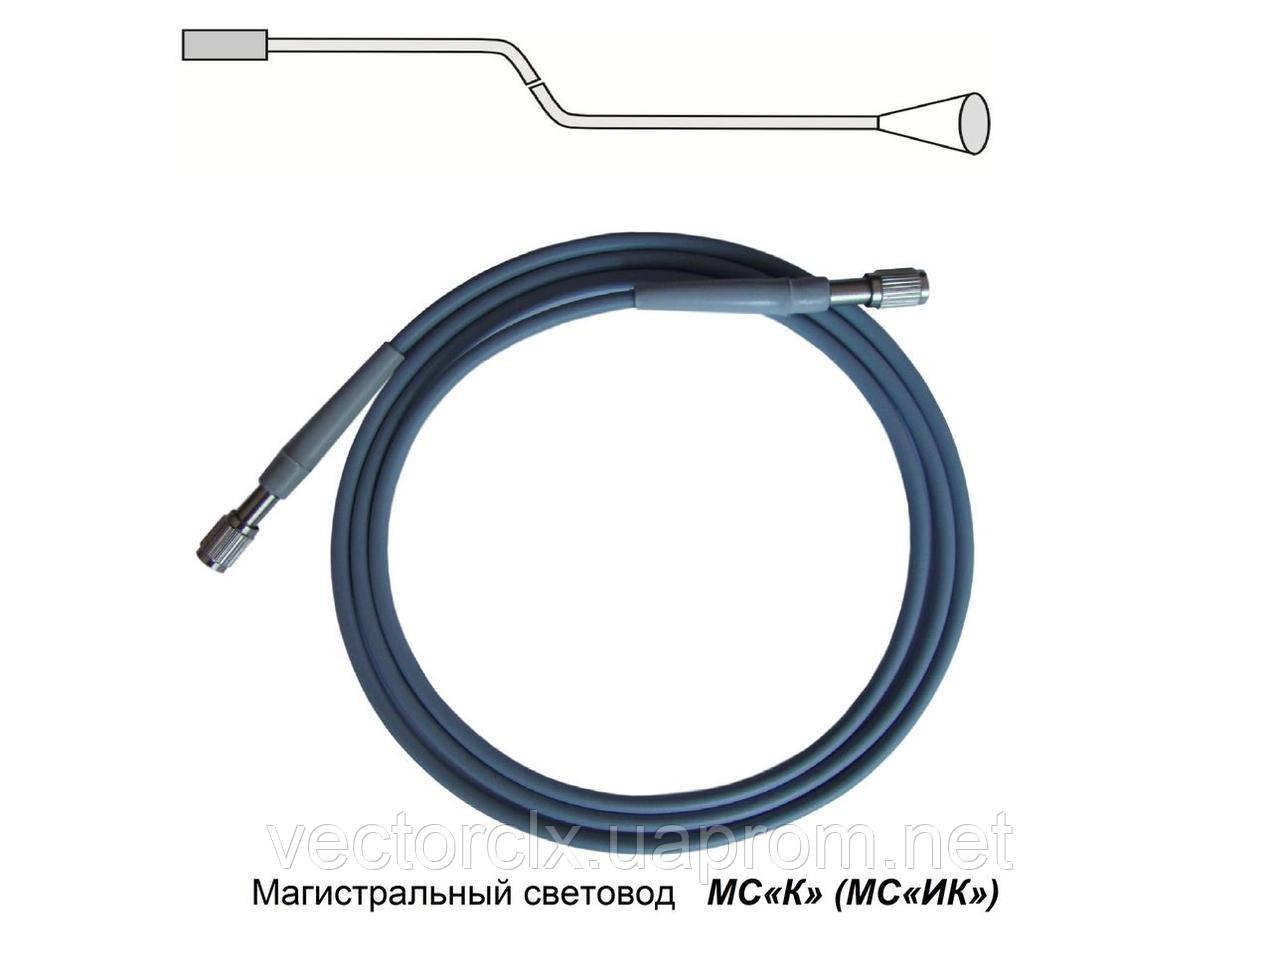 Магистральный световод МС«К» (МС«ИК») под аппараты «Лика-терапевт», «Лика-терапевт М»